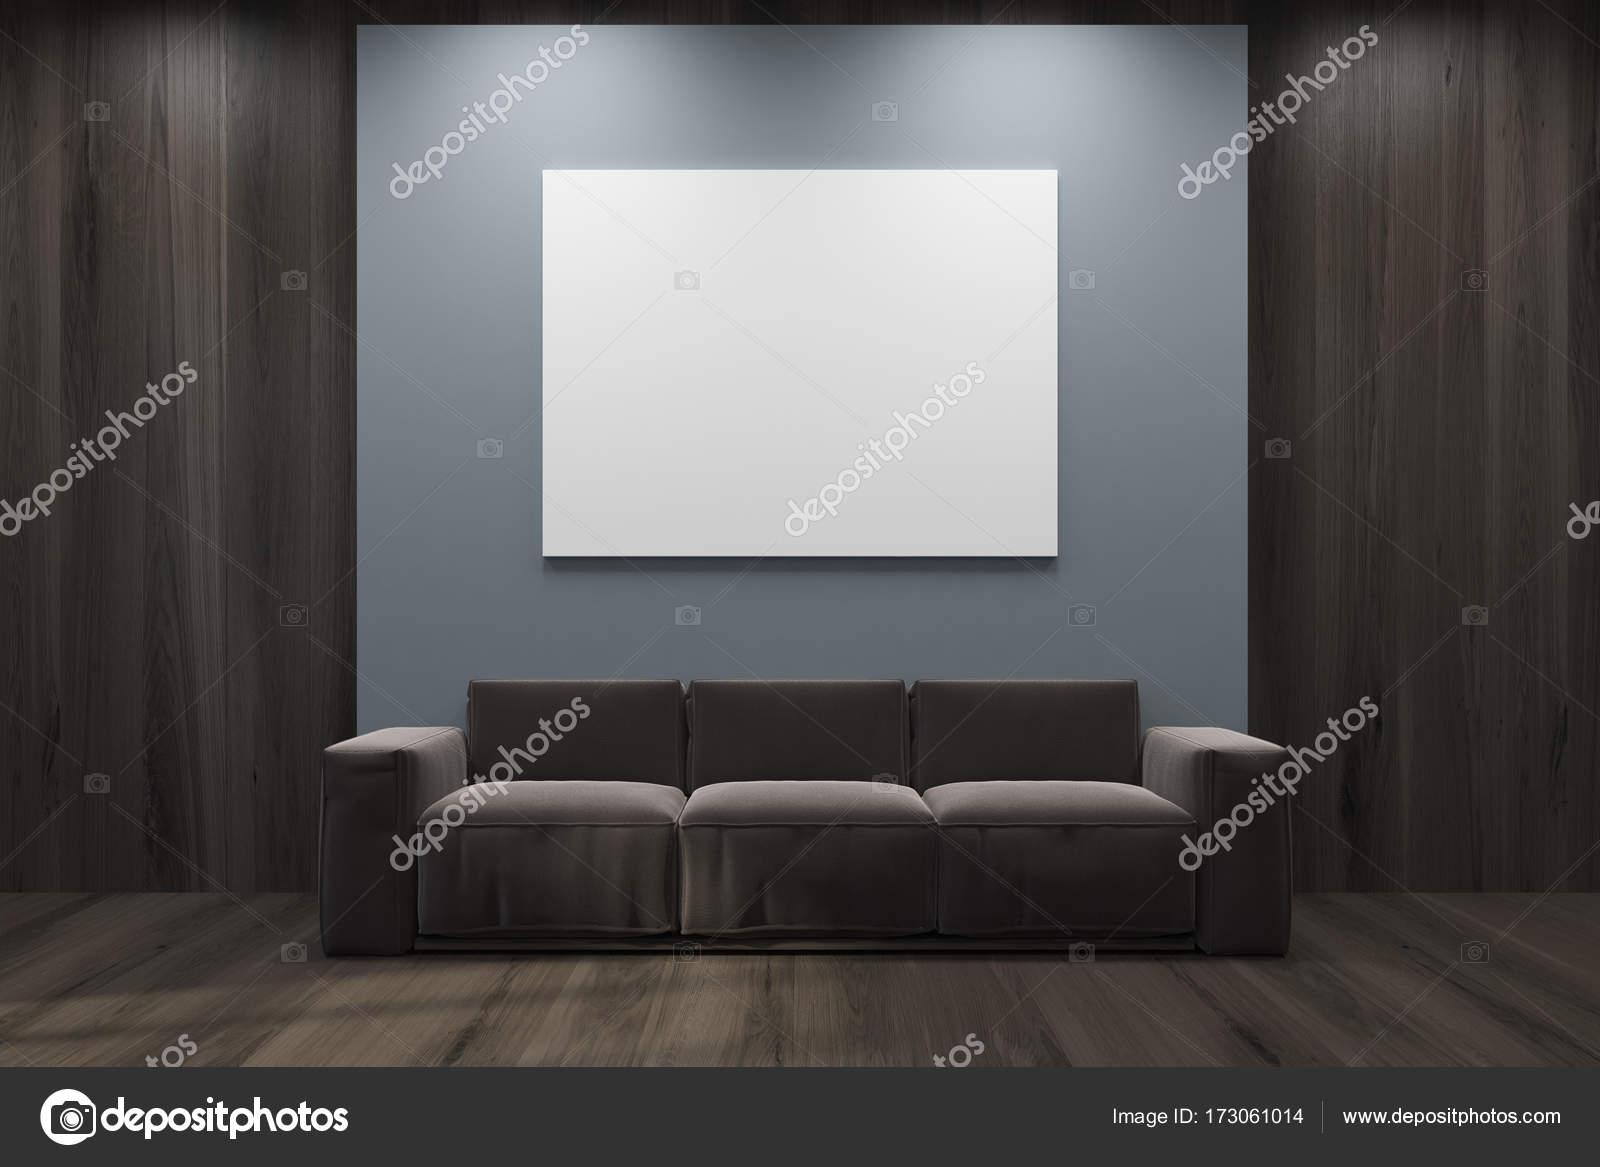 3d Fußboden Wohnzimmer ~ Grau und hölzerne wohnzimmer sofa poster u stockfoto